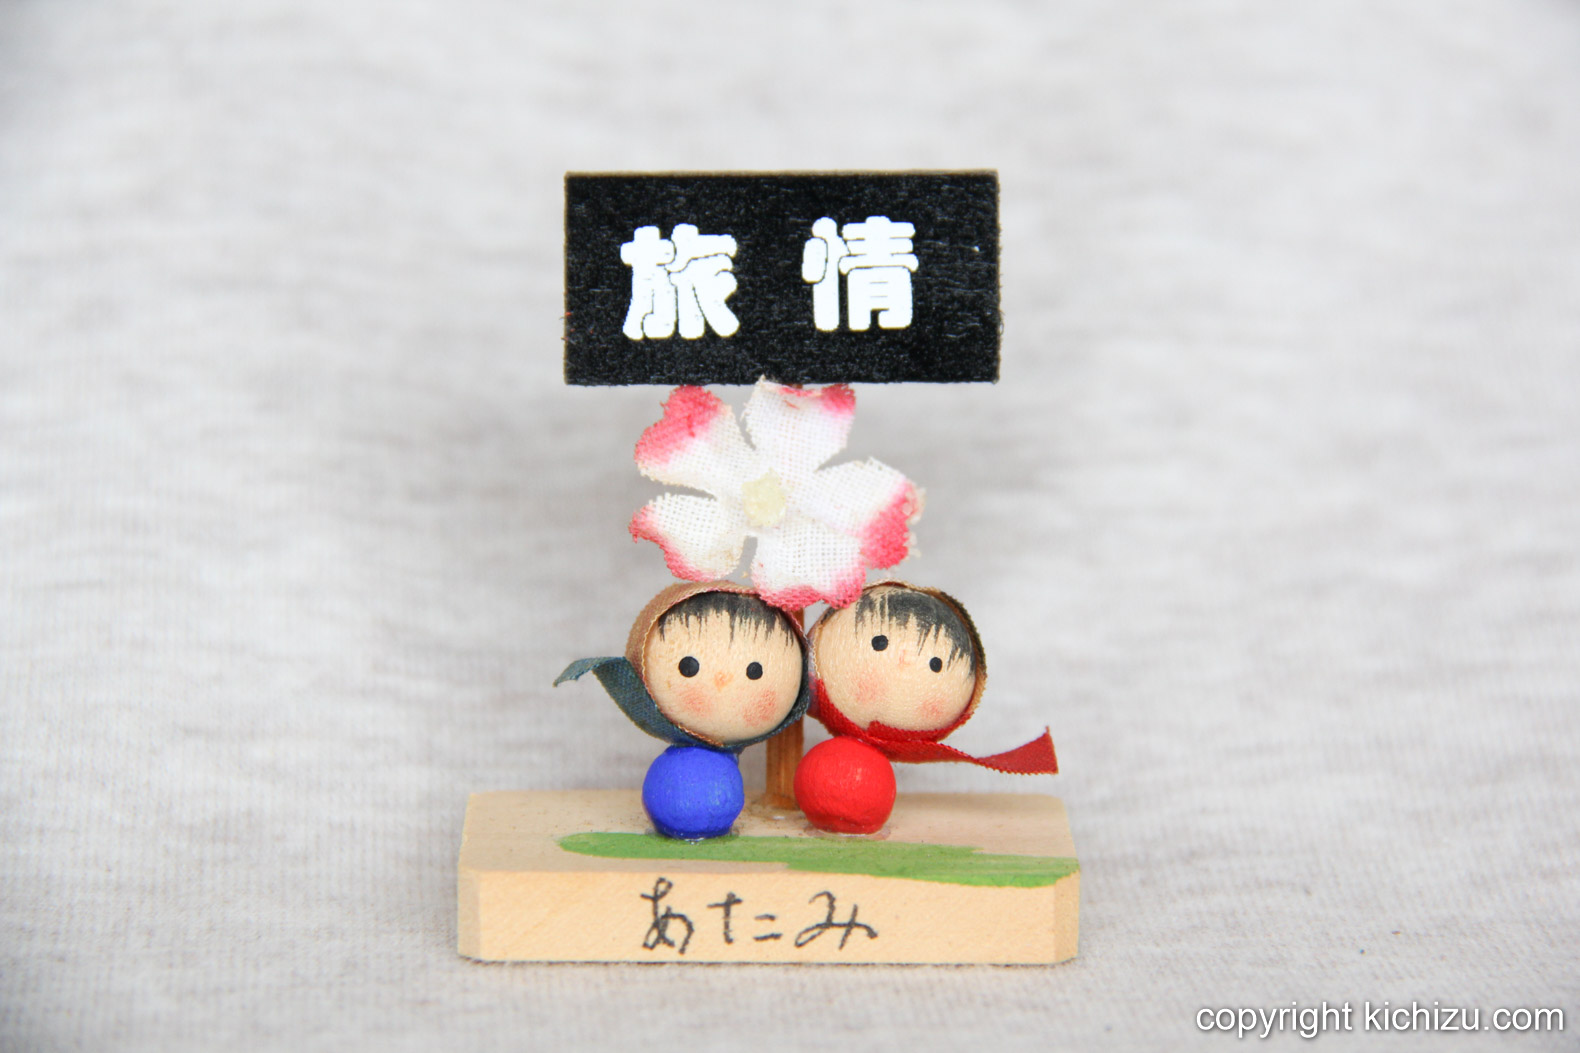 青と赤の洋服と桜の花をかたどった人形